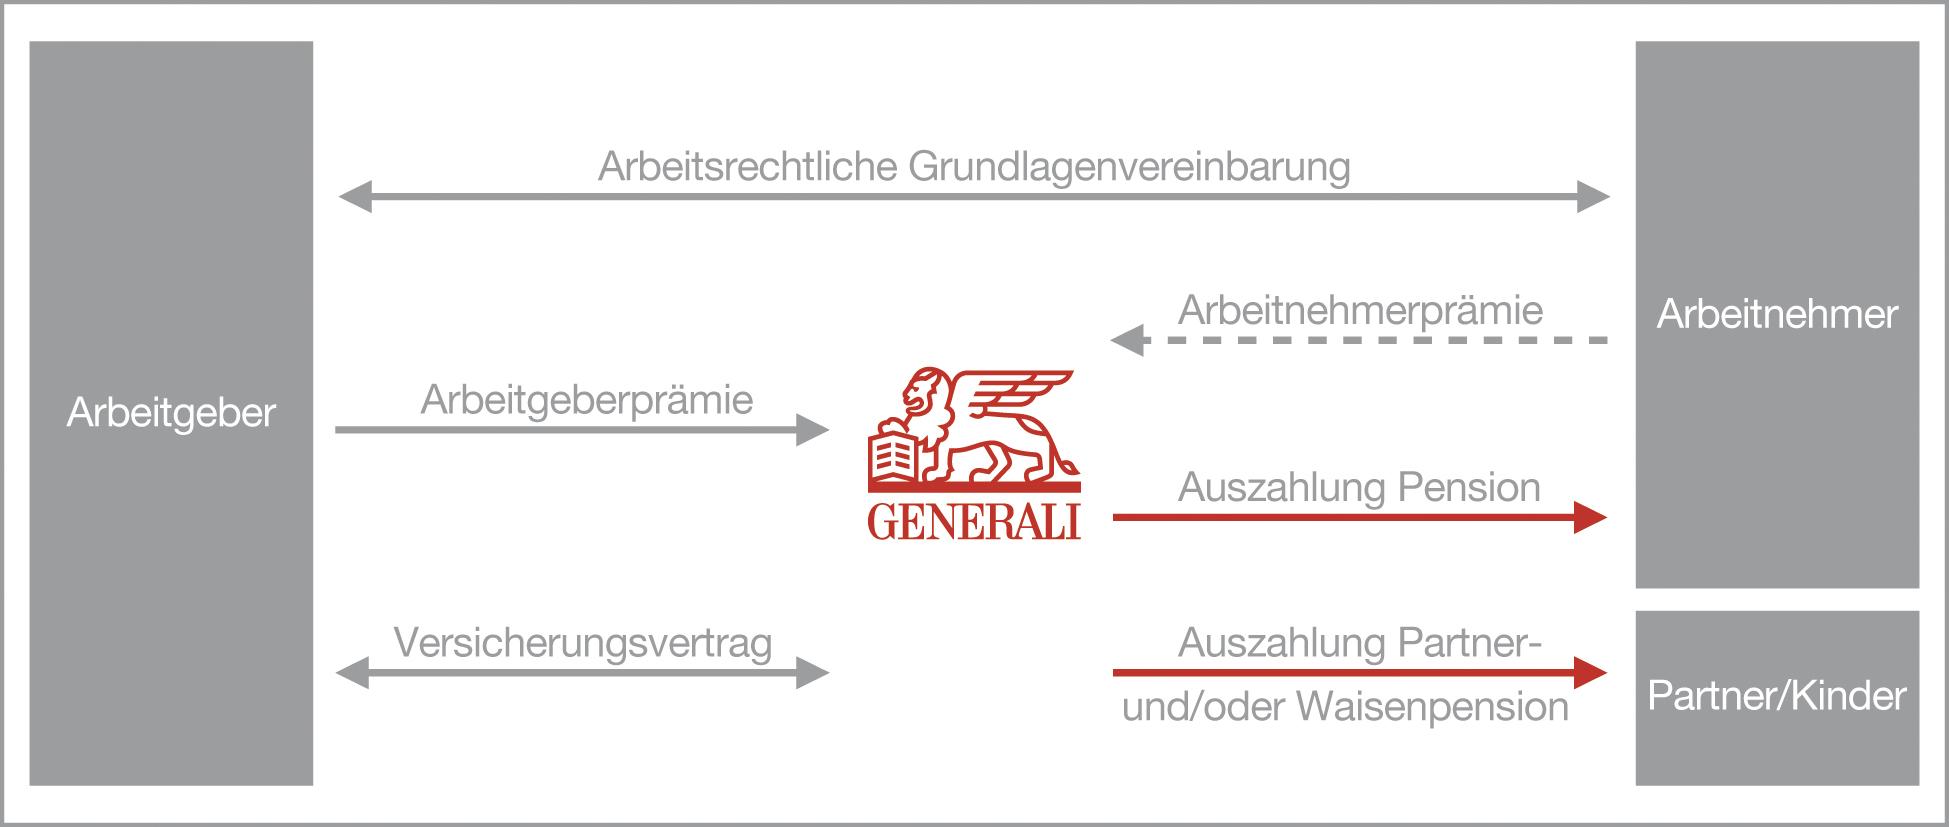 Grafik BKV späterer Bezug Generali Versicherung Österreich